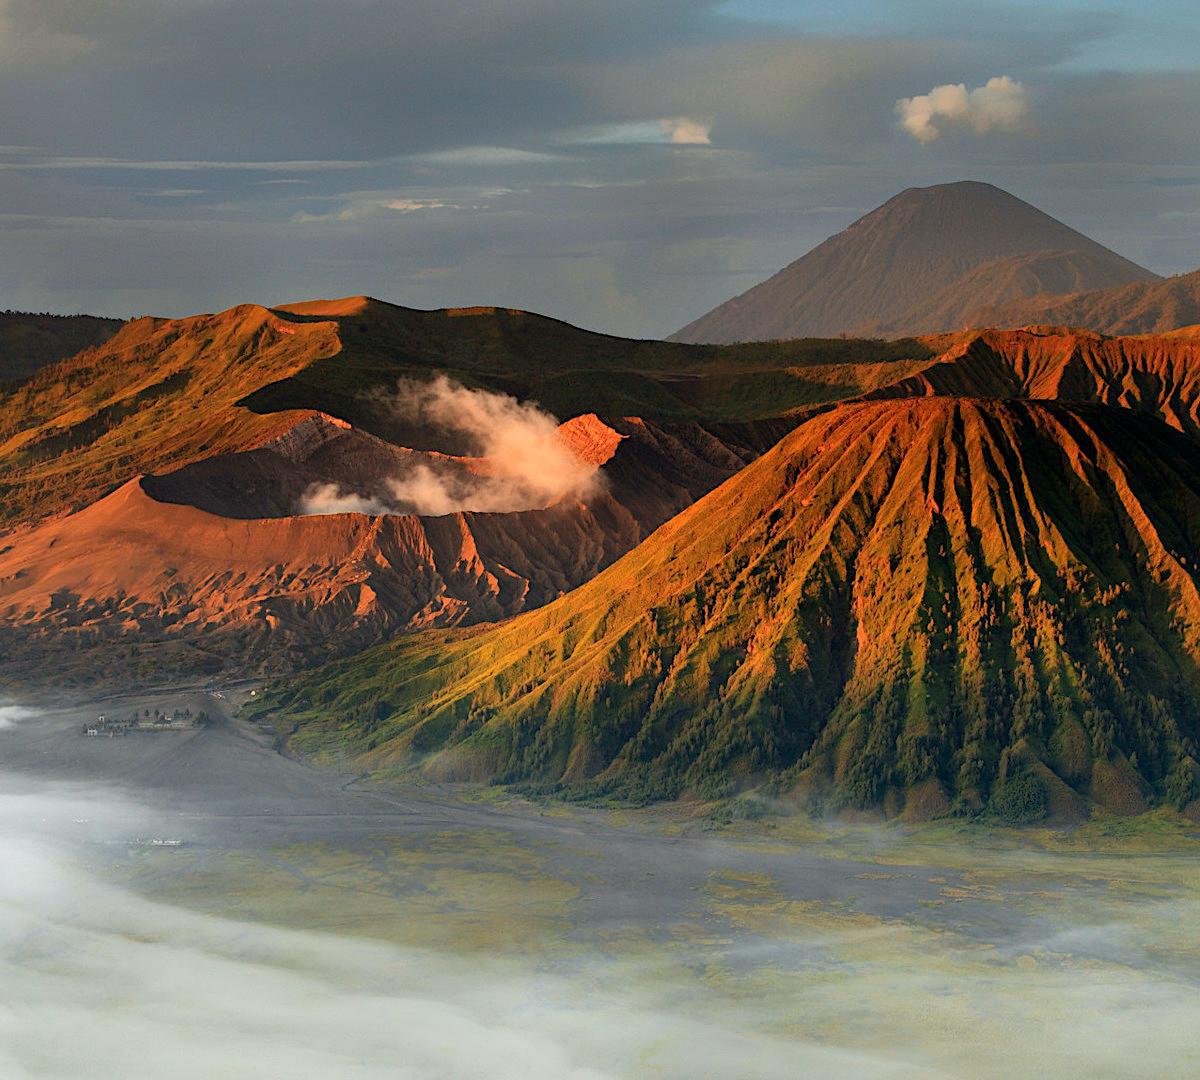 Vulkanernas och vattenfallens rike